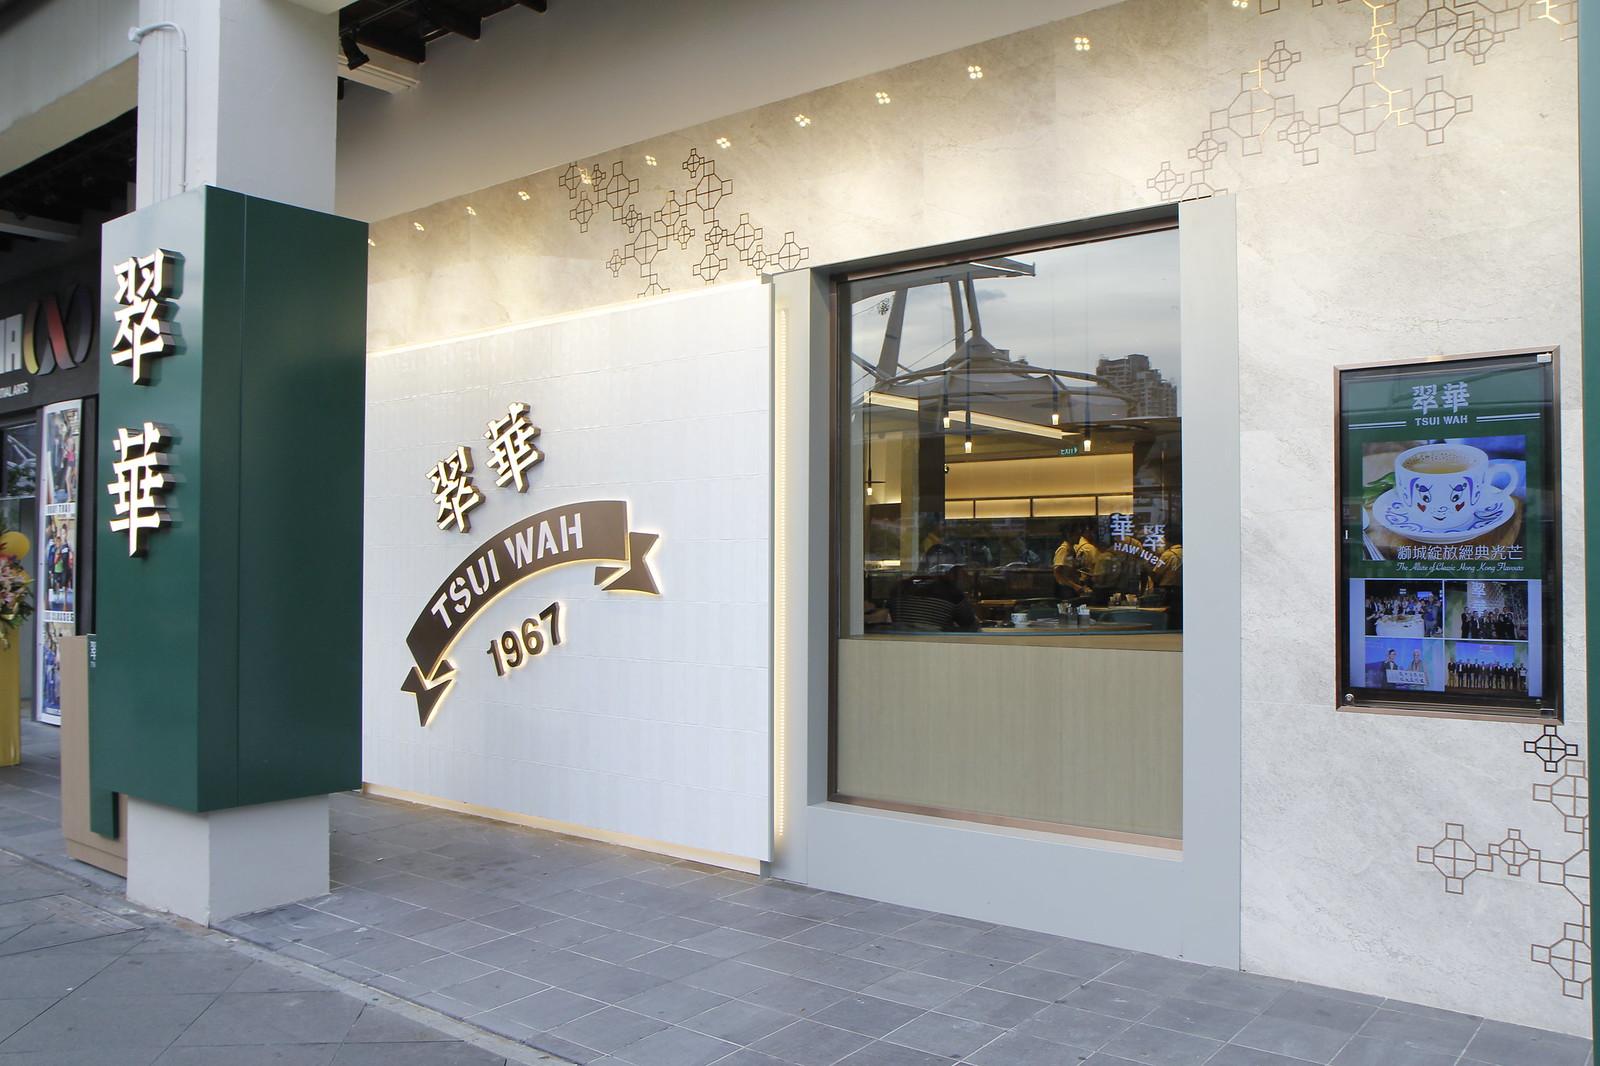 翠華 Tsui Wah – Hong Kong's Famous Cha Chaan Teng is in Singapore!